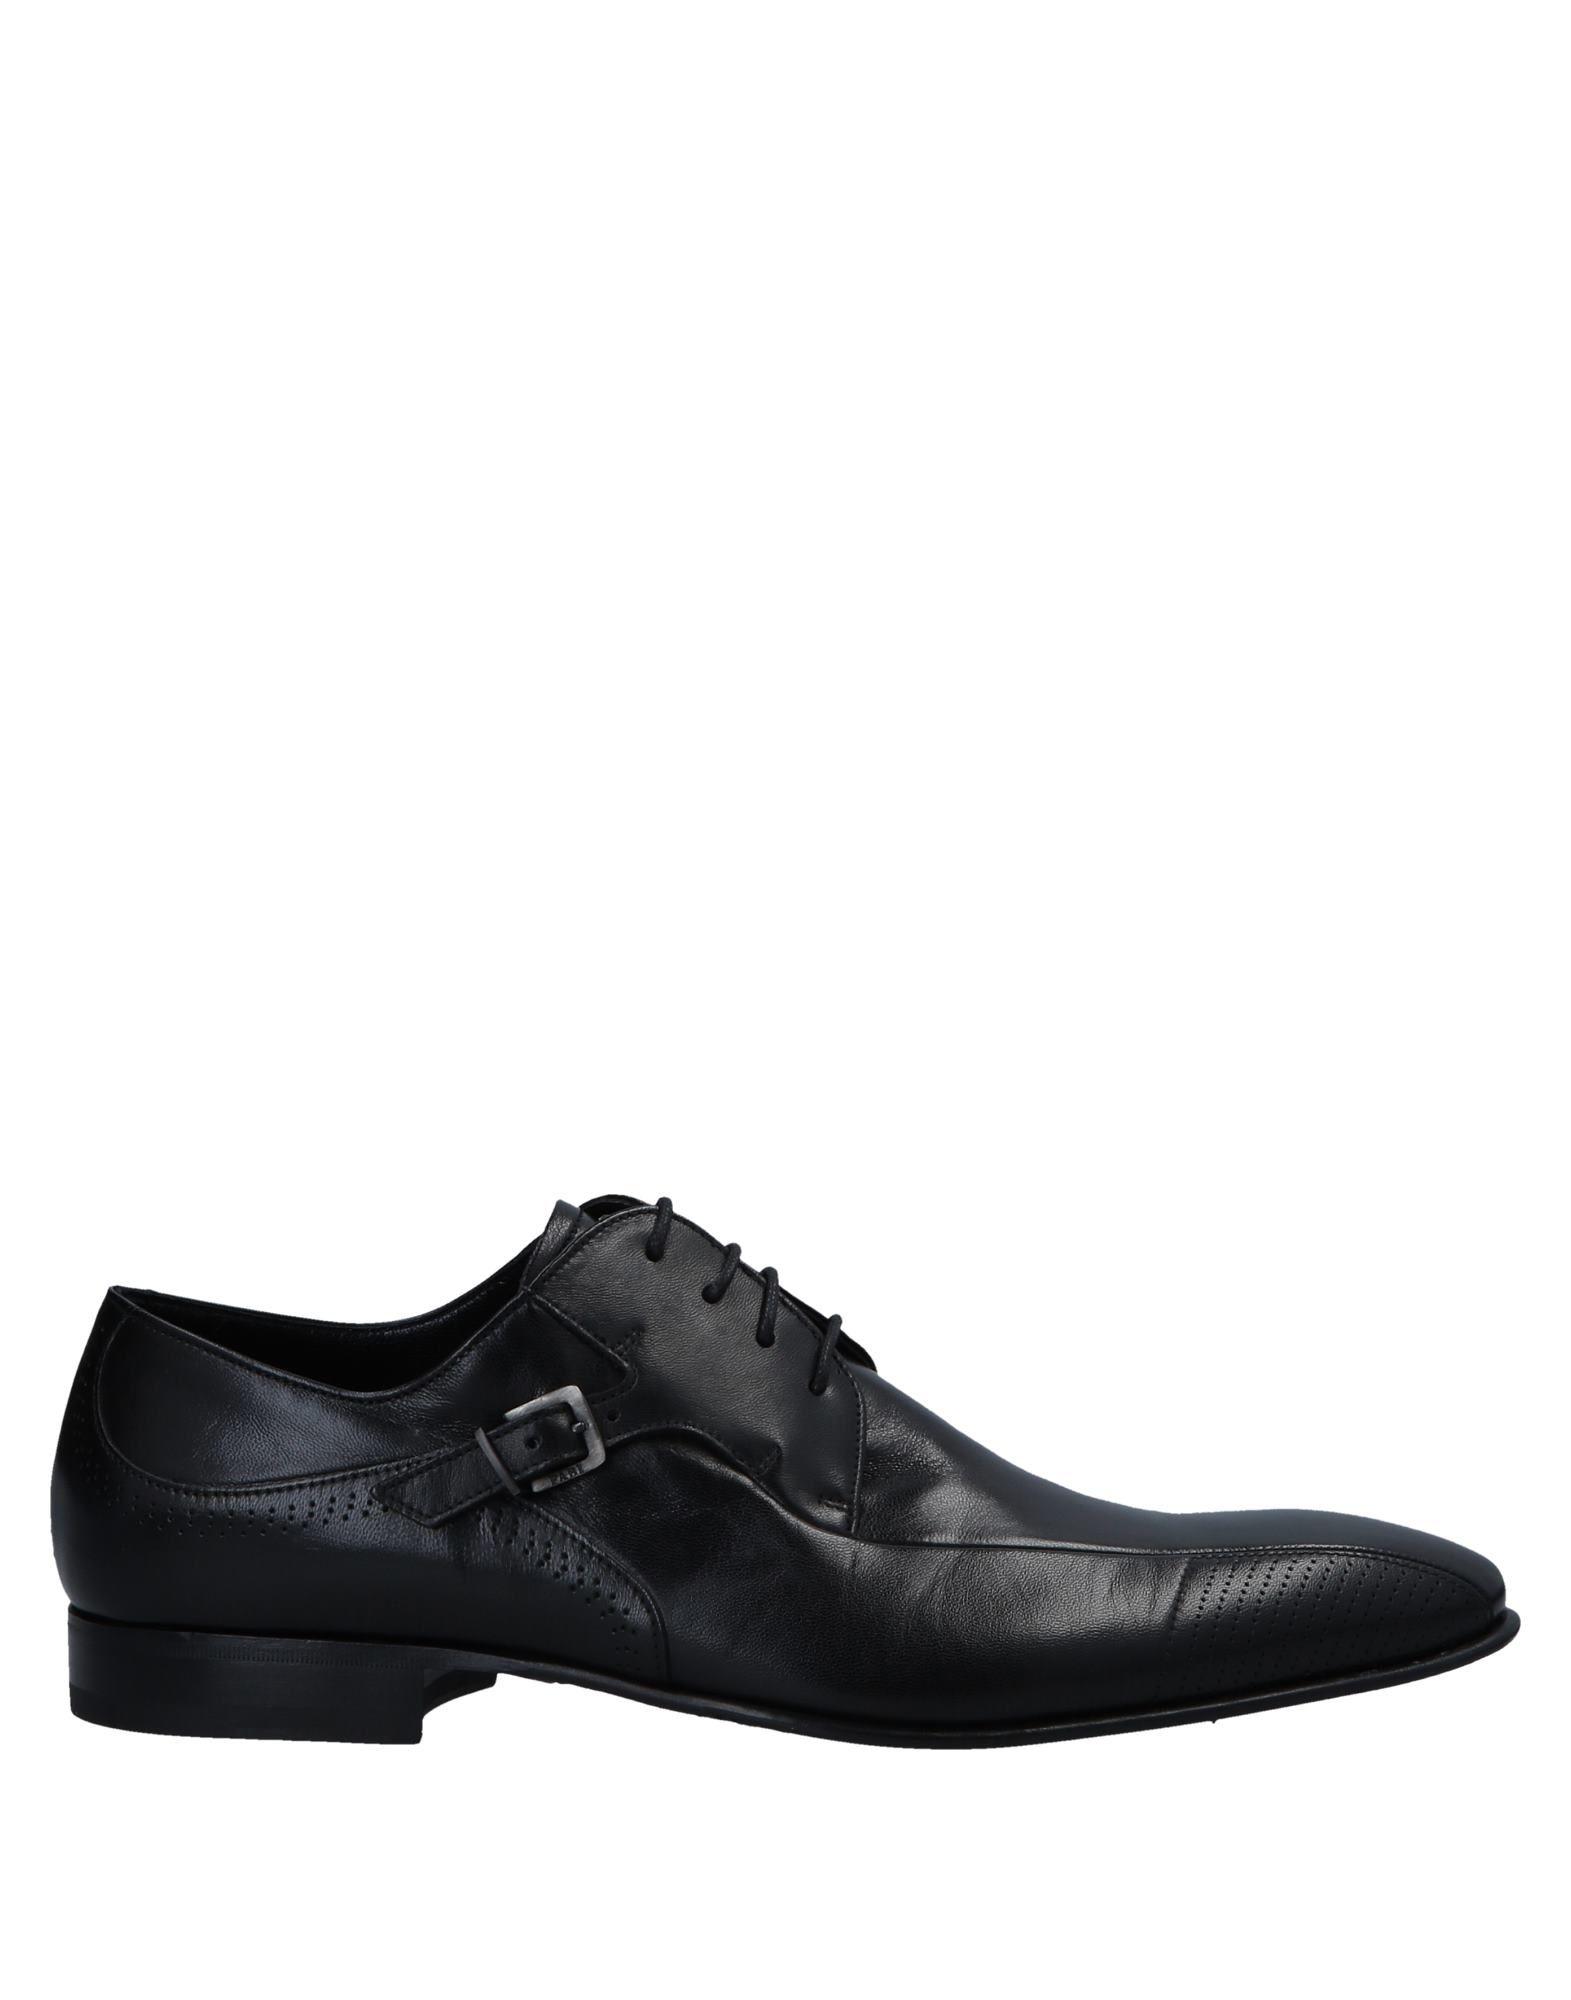 Fabi Schnürschuhe Herren  11549993GP Gute Qualität beliebte Schuhe